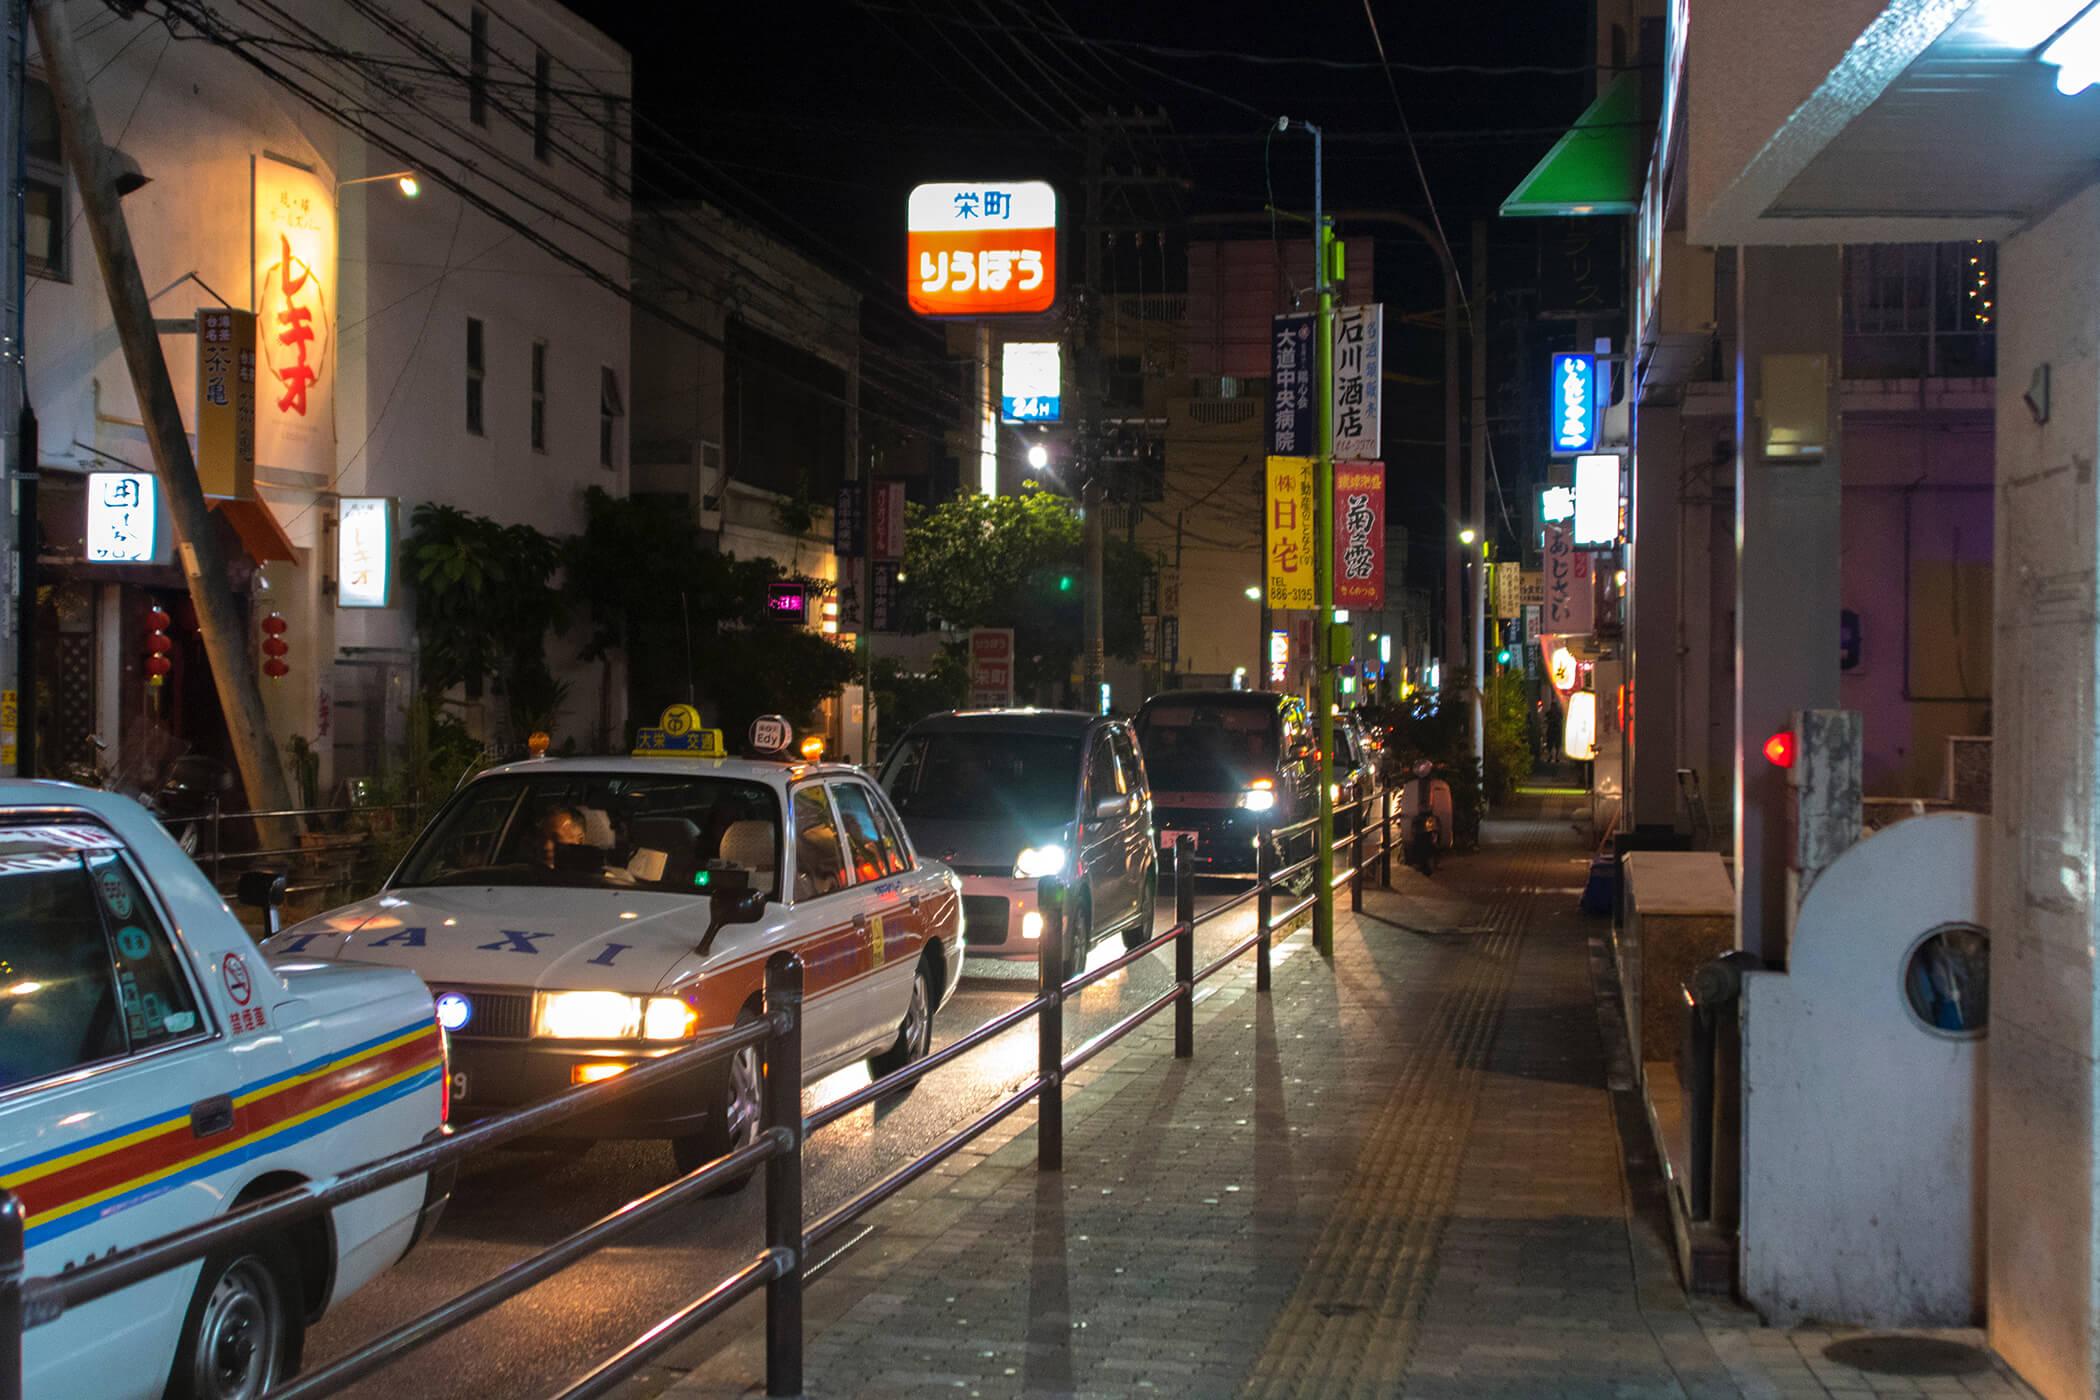 栄町 さかえまち | 沖縄観光情報ガリンペイロ